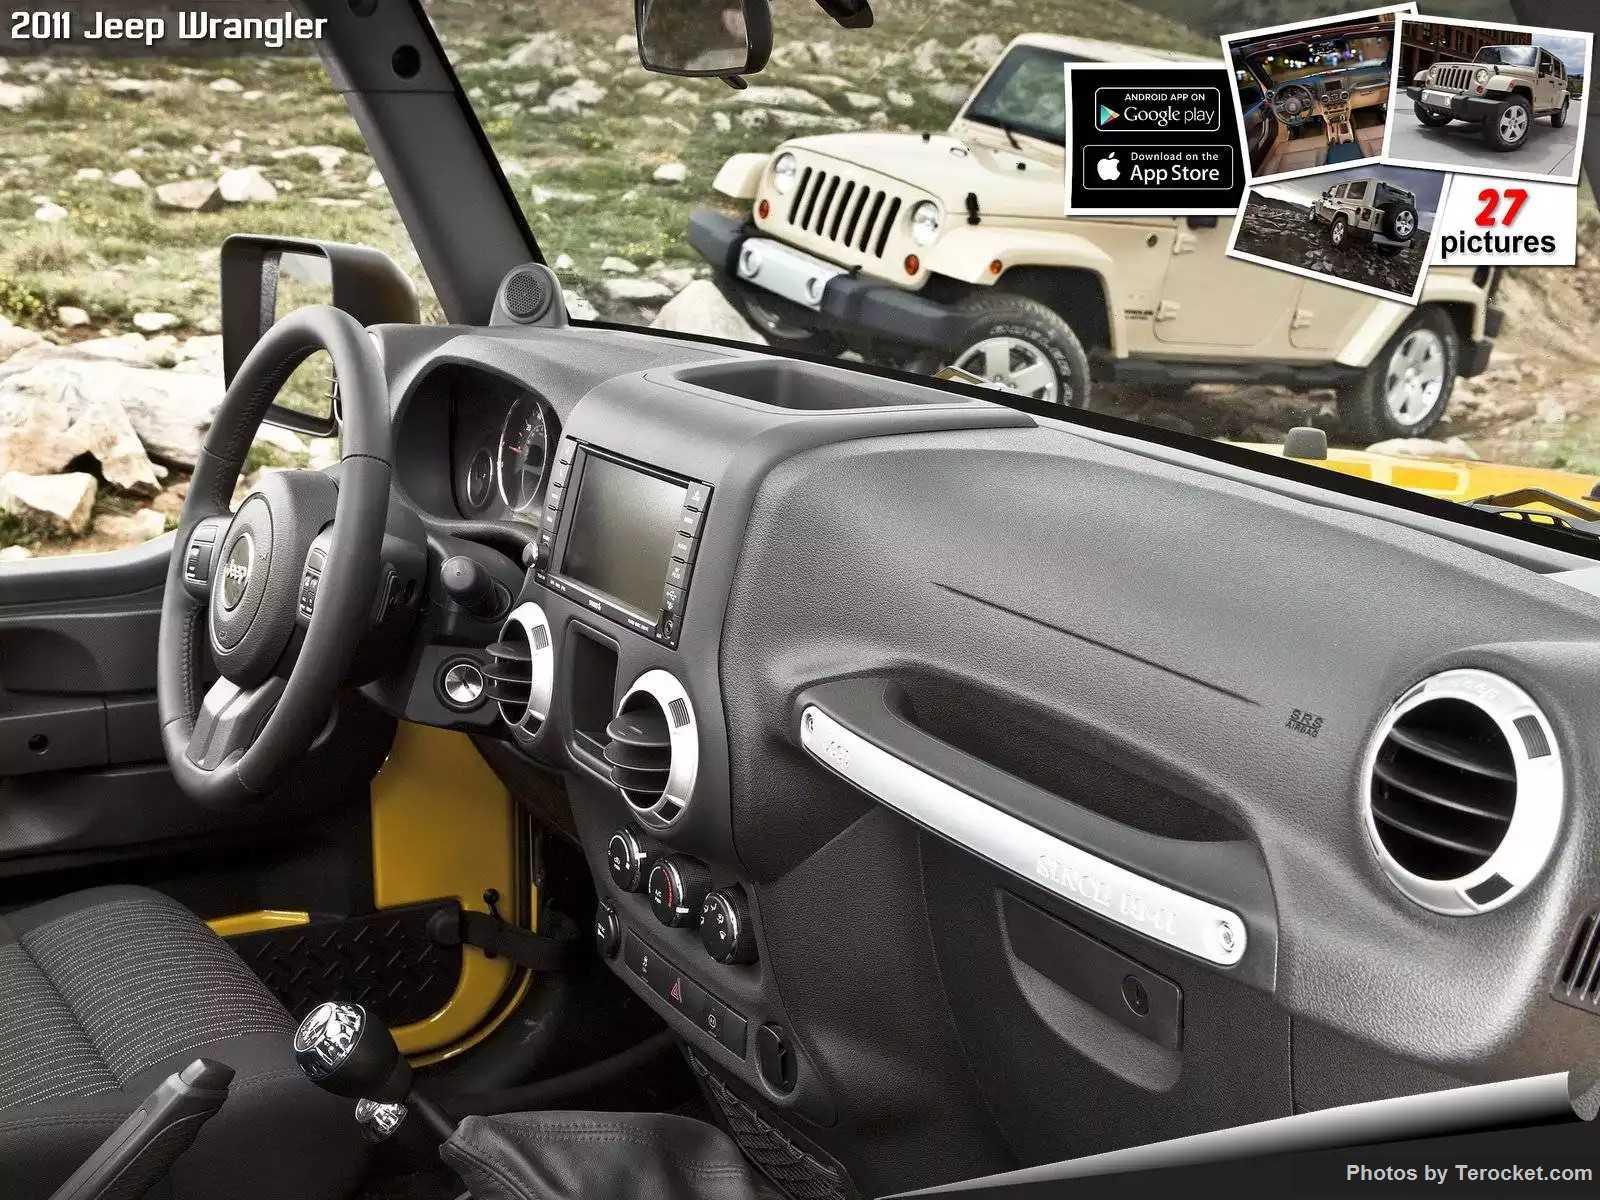 Hình ảnh xe ô tô Jeep Wrangler 2011 & nội ngoại thất